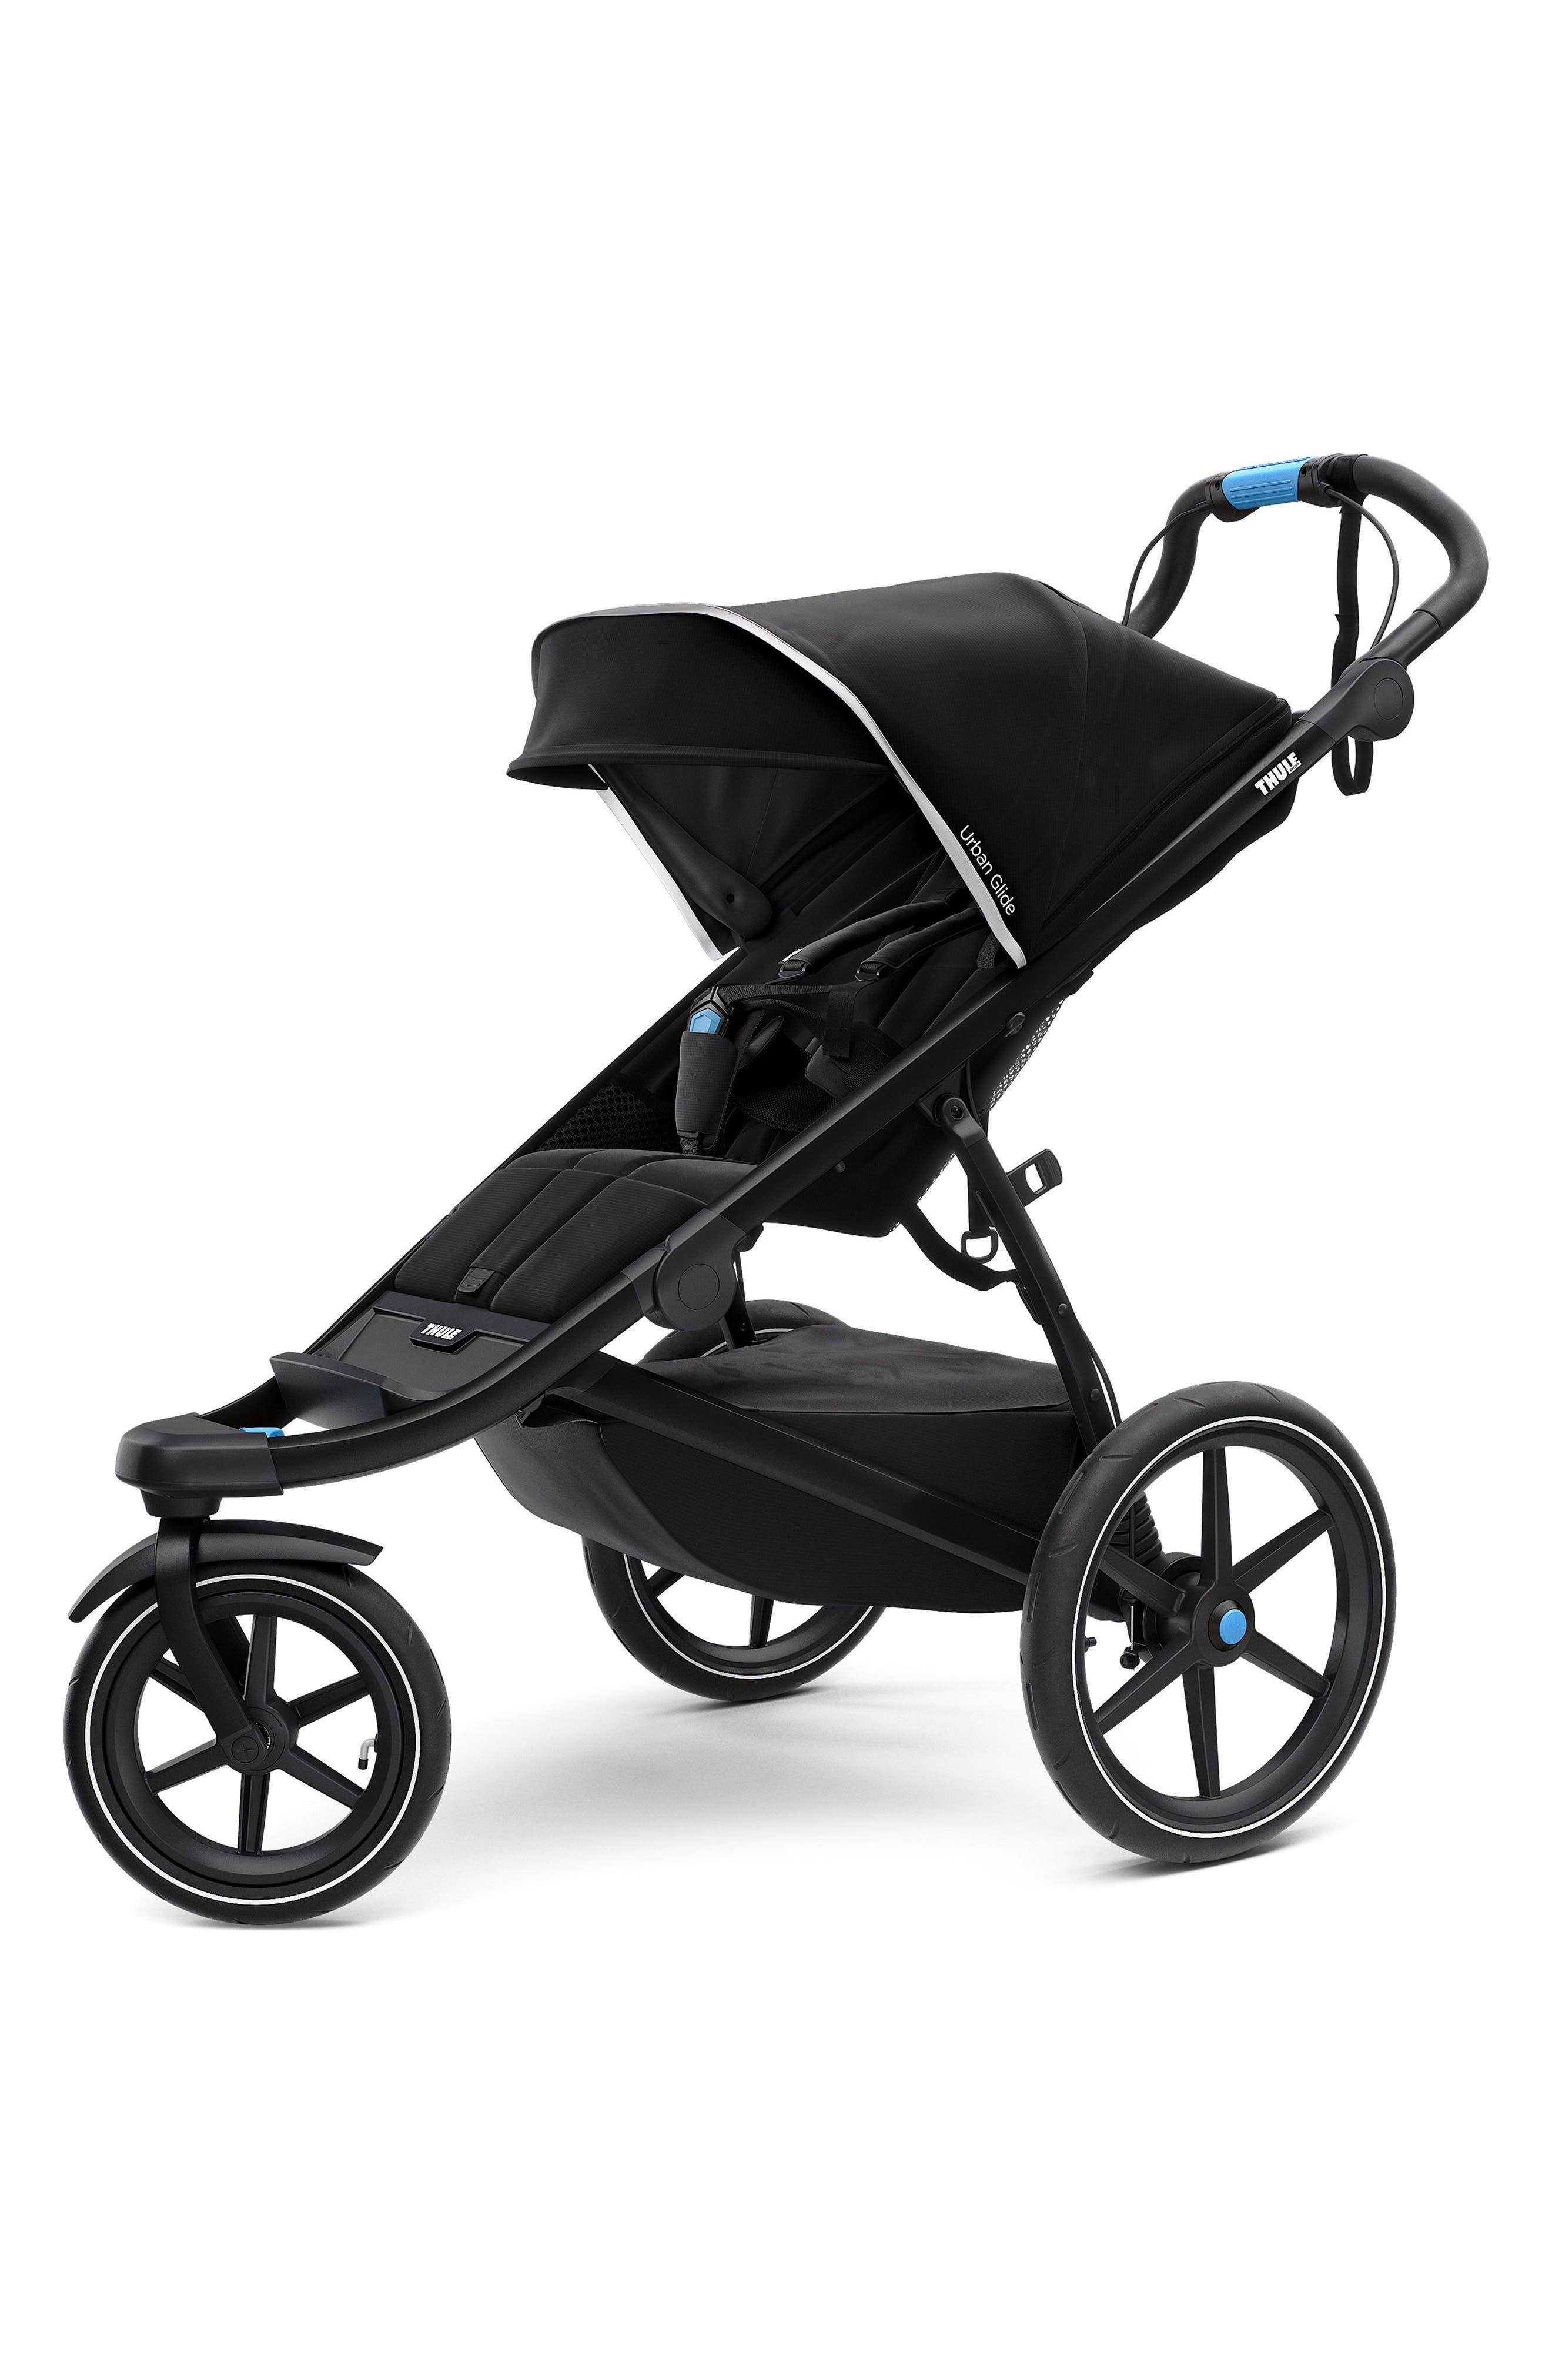 Infant Thule Urban Glide 2 OnTheGo Stroller Bundle